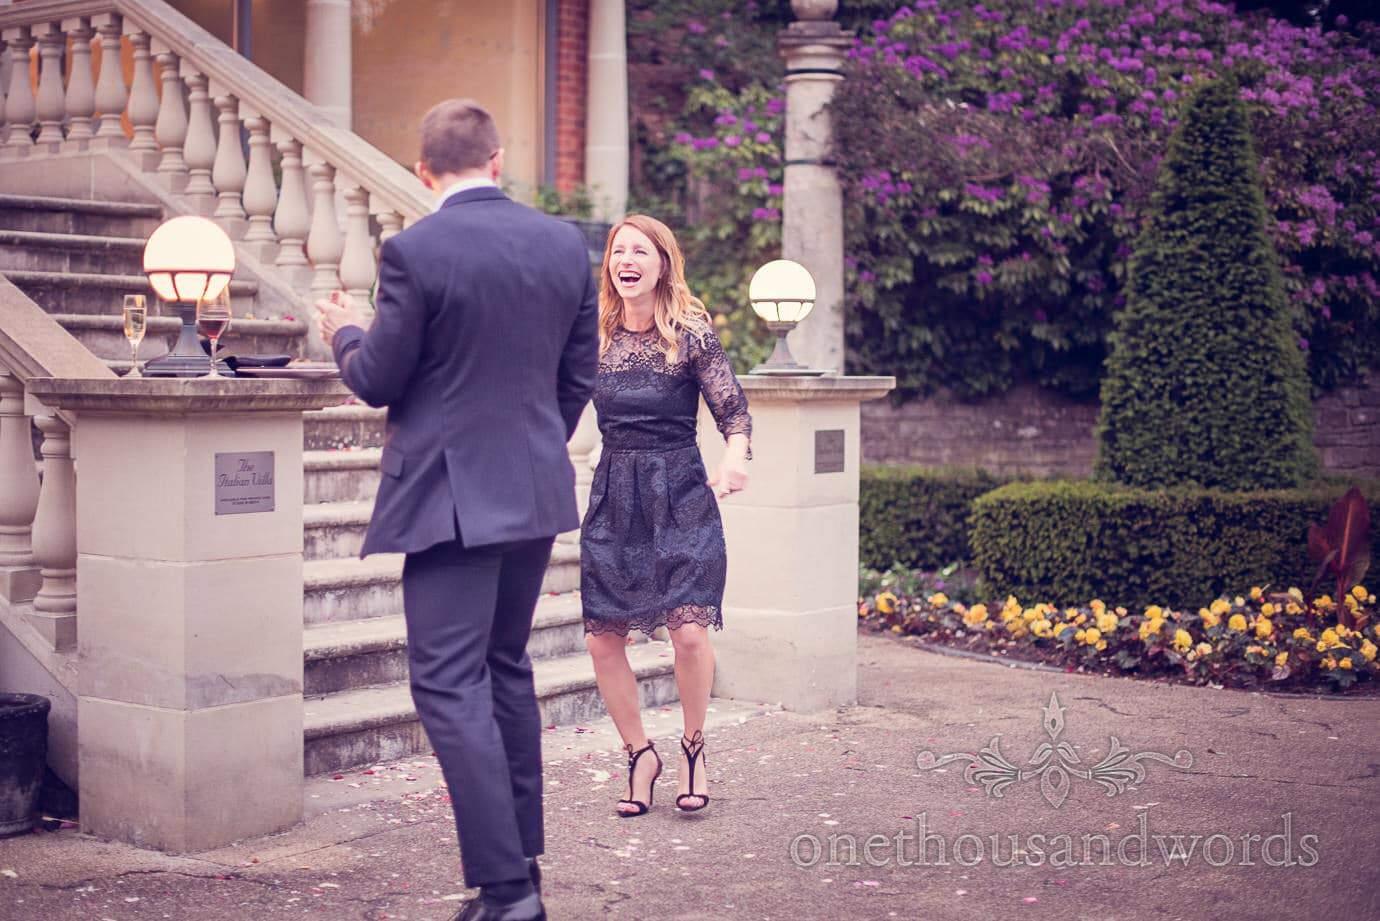 Wedding guests outside at Italian Villa Wedding Photographs